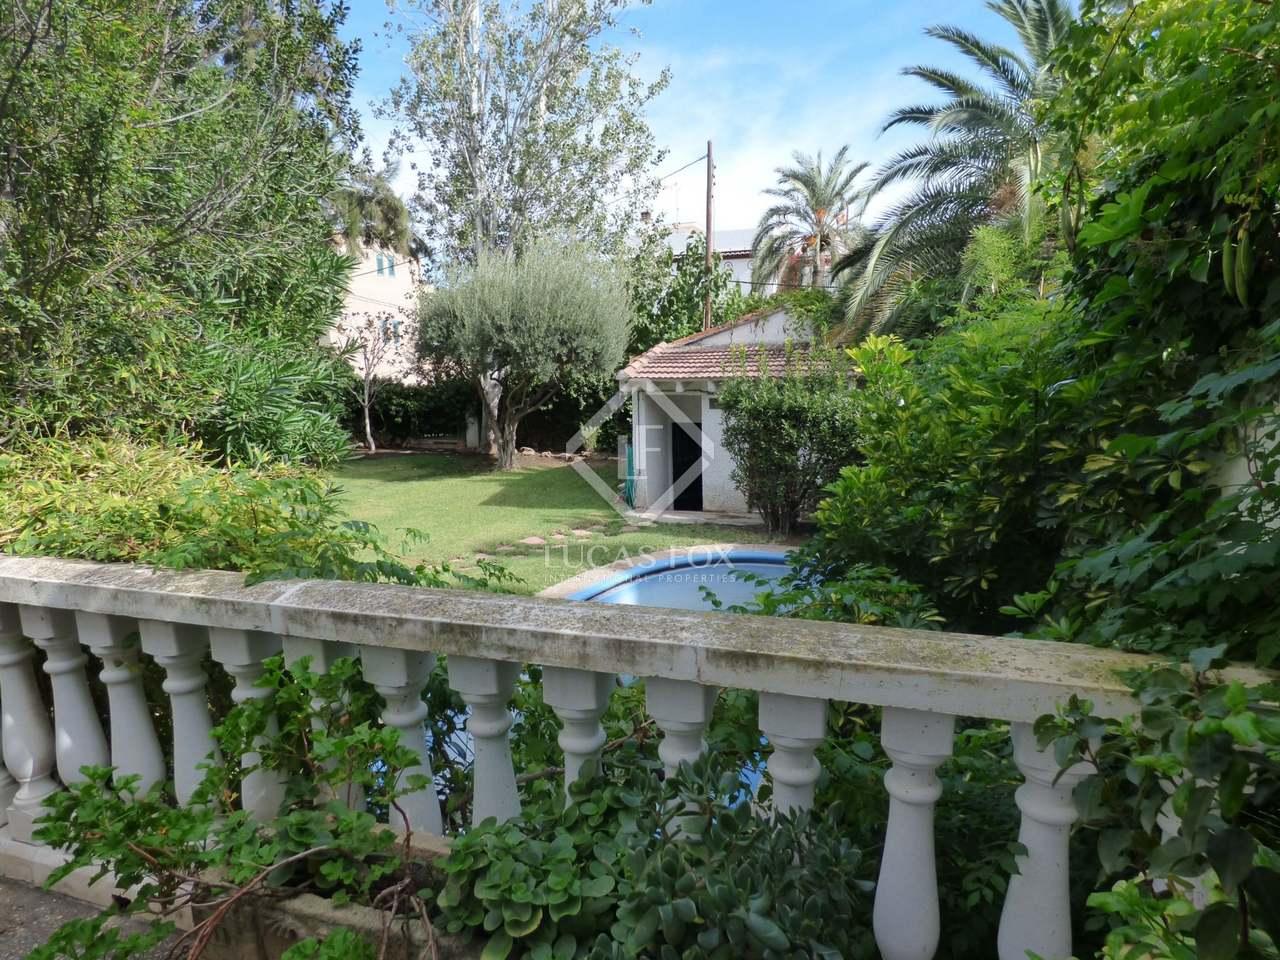 Cl sica villa de rocafort con jard n y piscina en valencia for Piscina jardin valencia